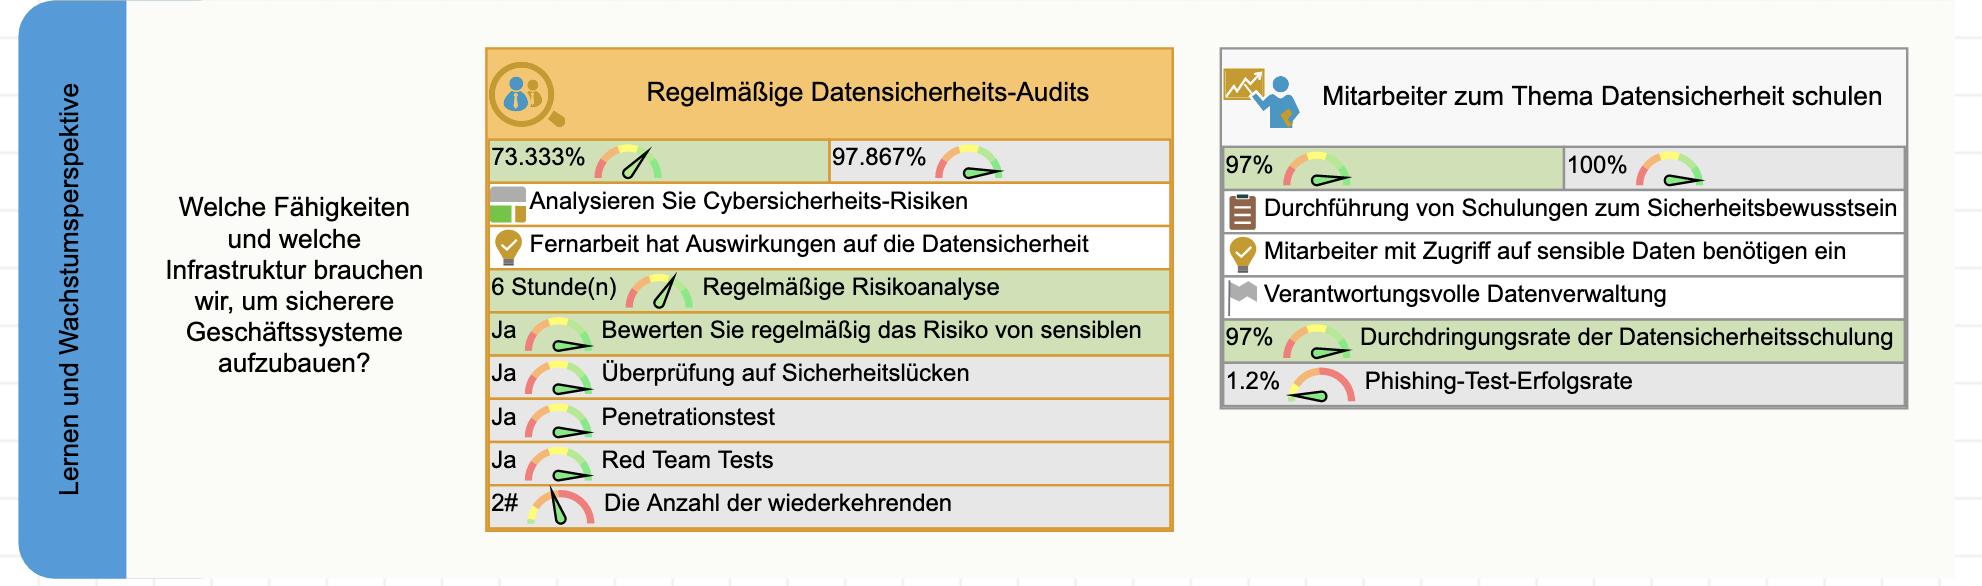 Lernperspektive der Datensicherheits-Scorecard